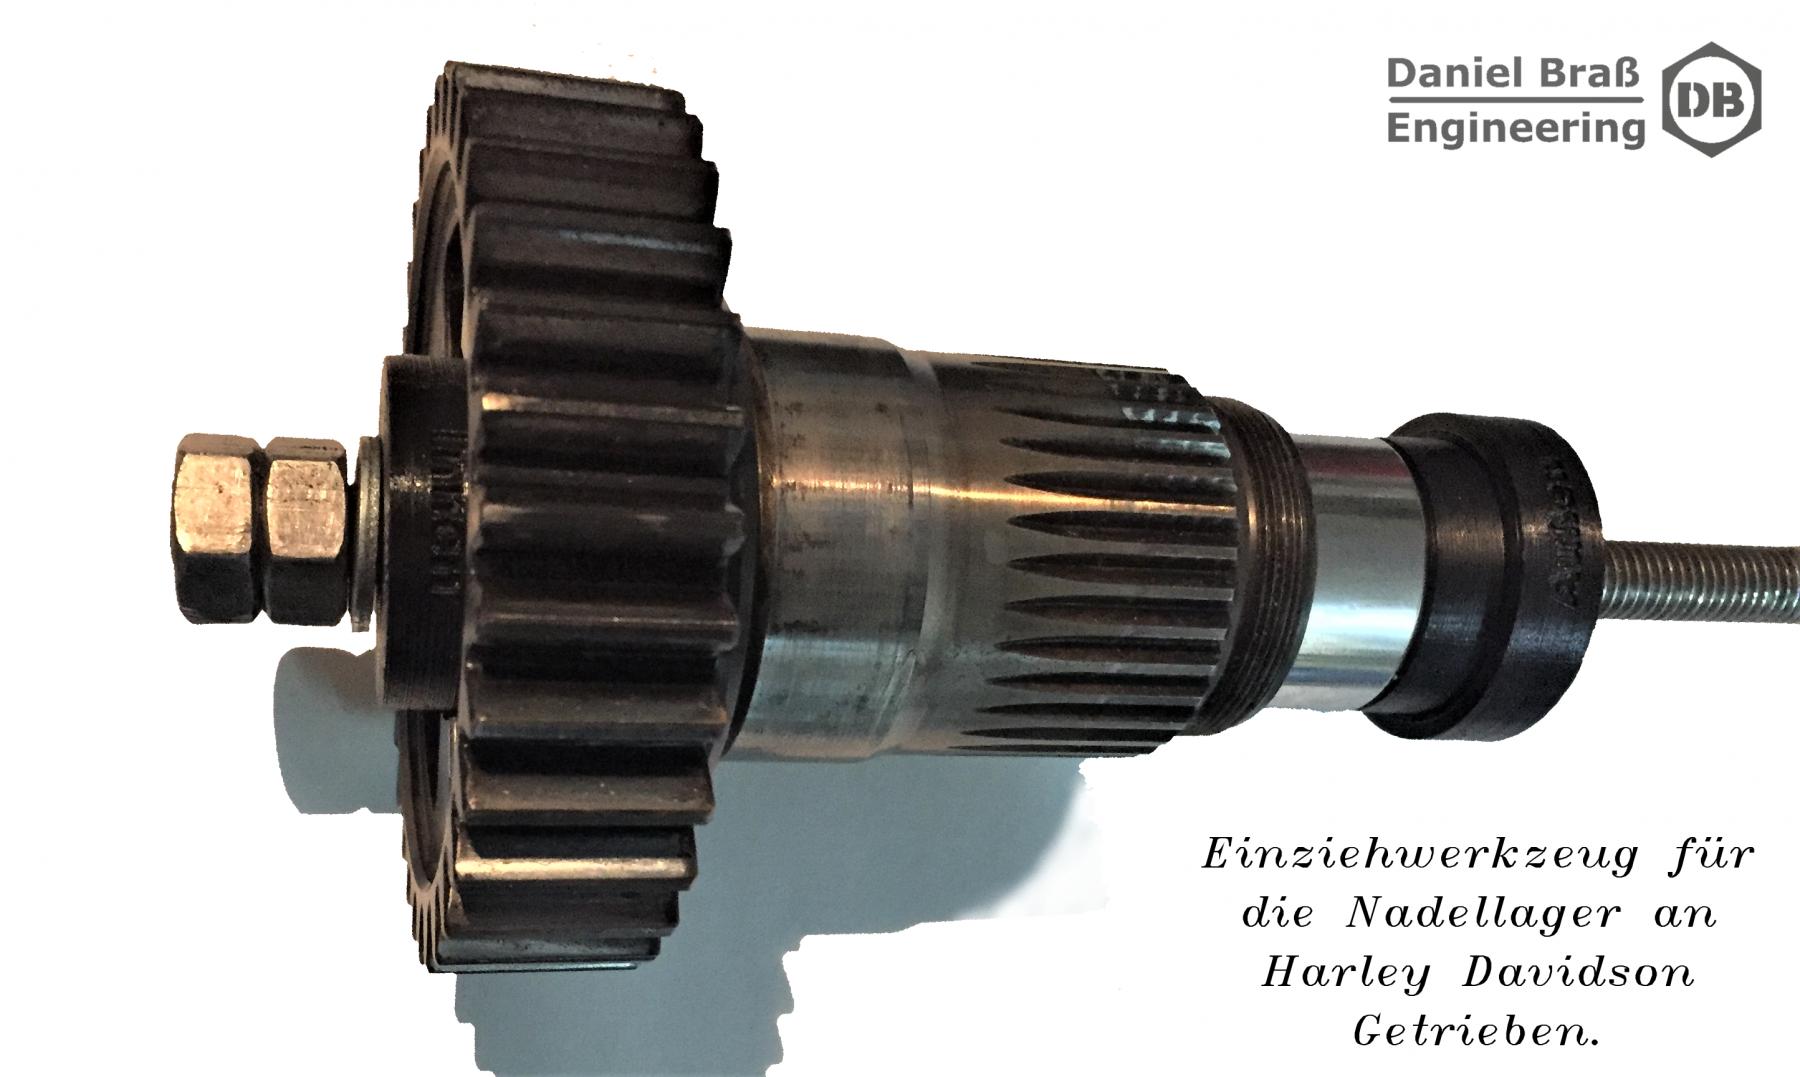 Spezialwerkzeug für Harley Davidson